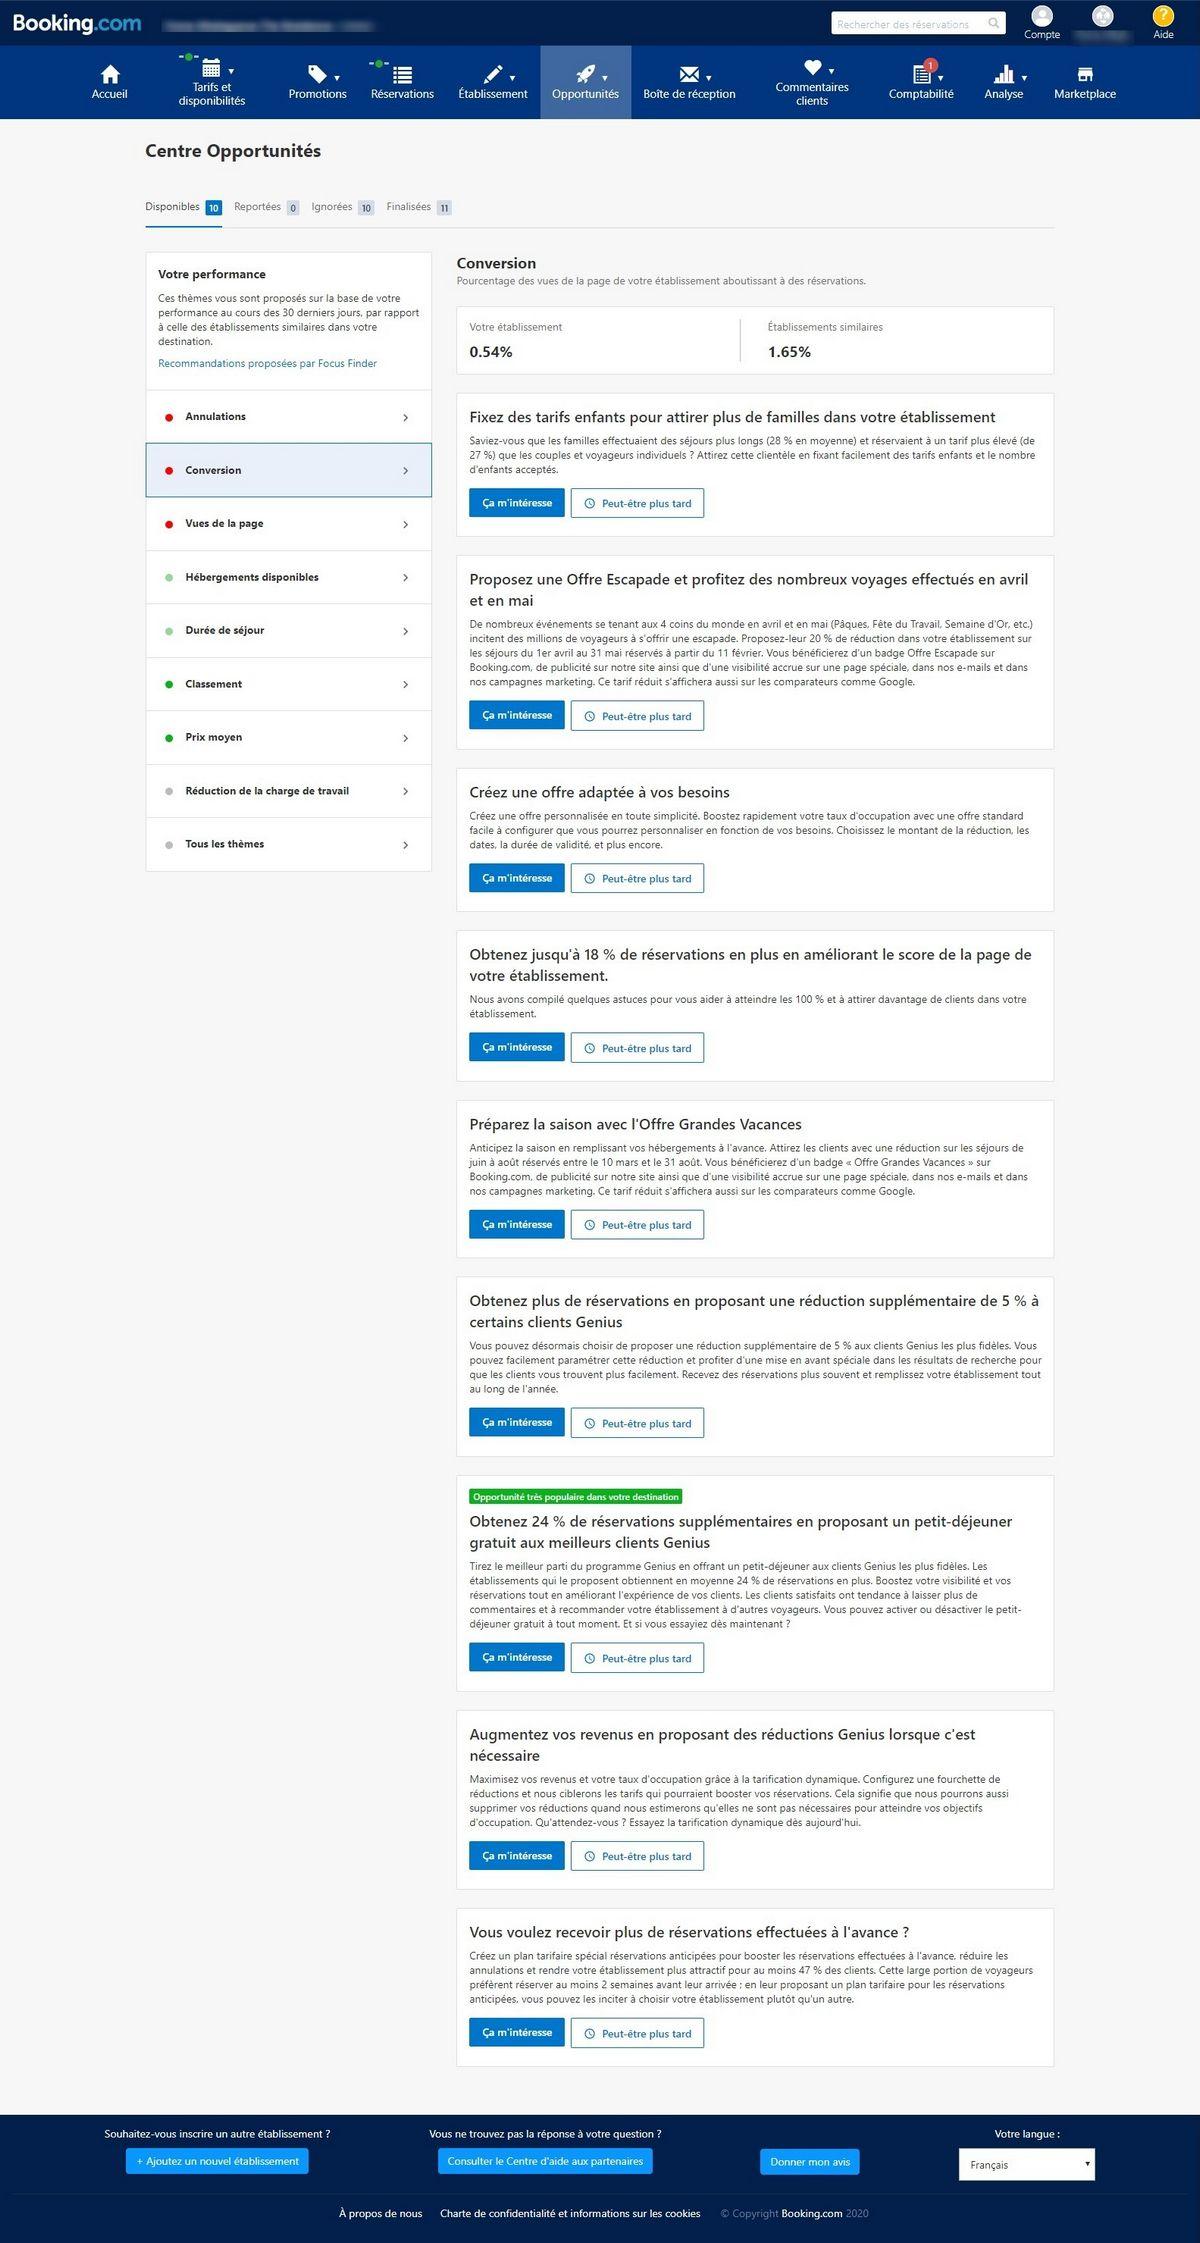 Optimisation booking.com pour un hôtel - centre d'opportunités